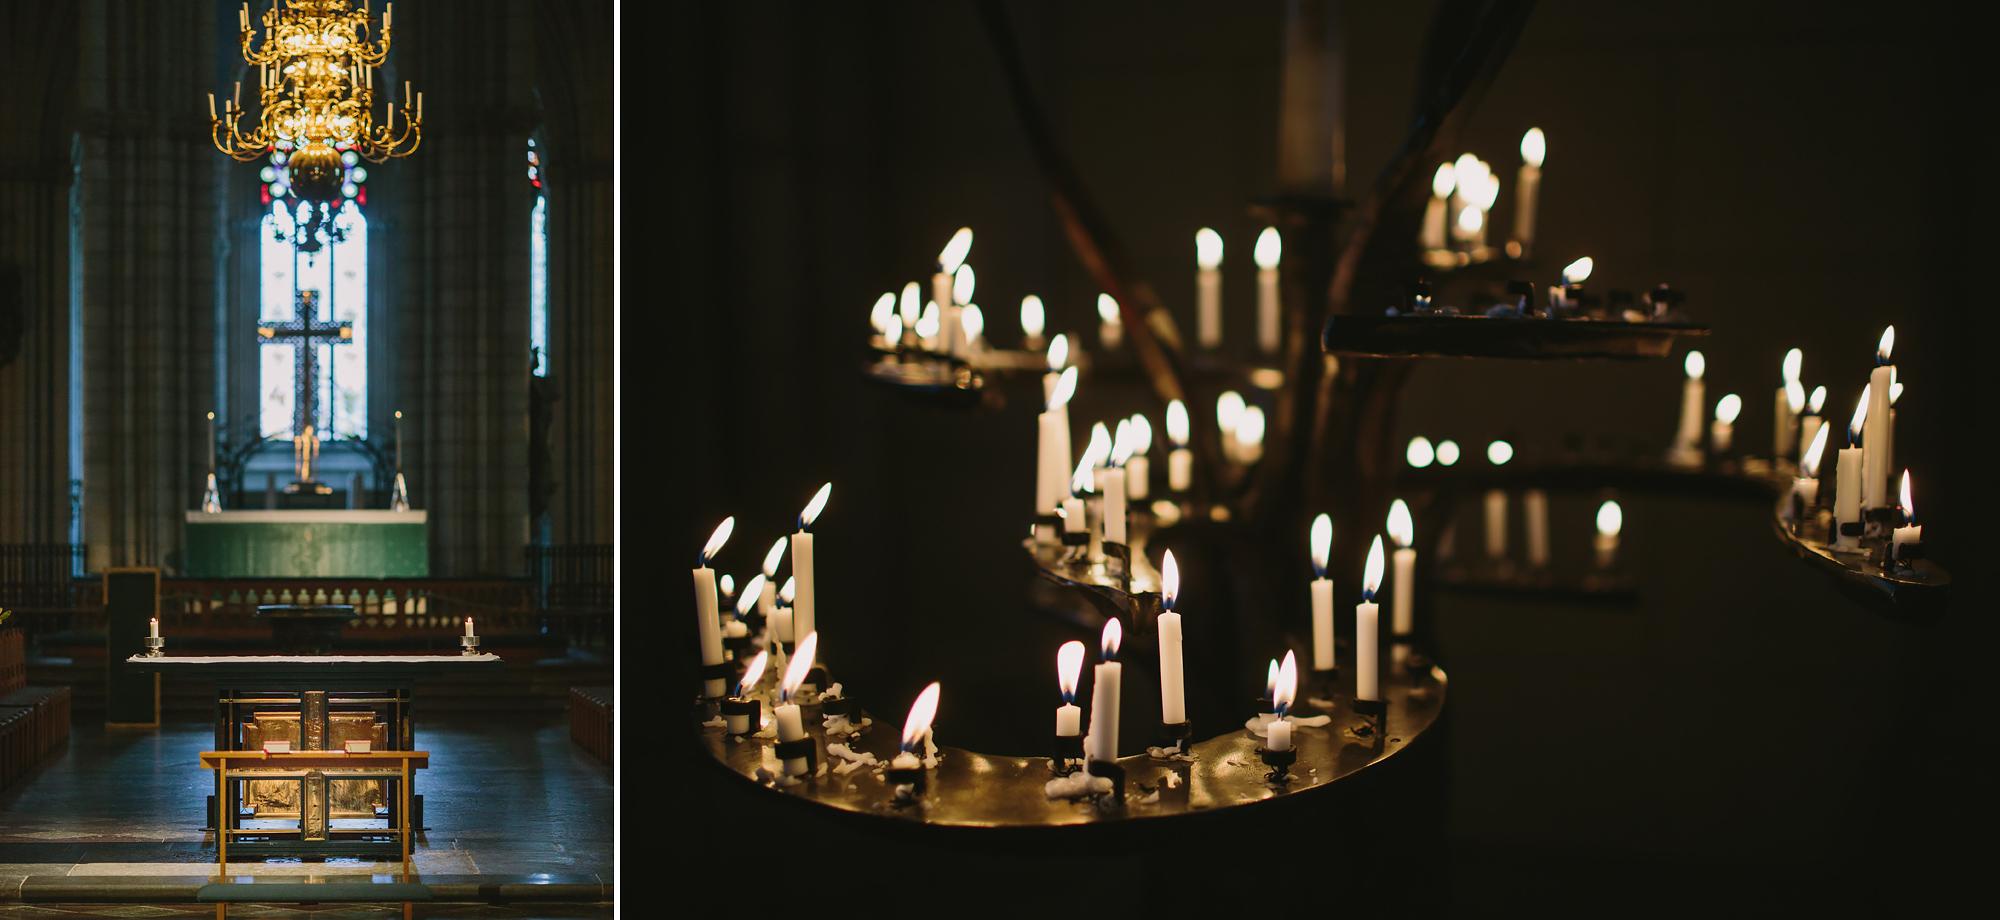 altaret och ljushållare